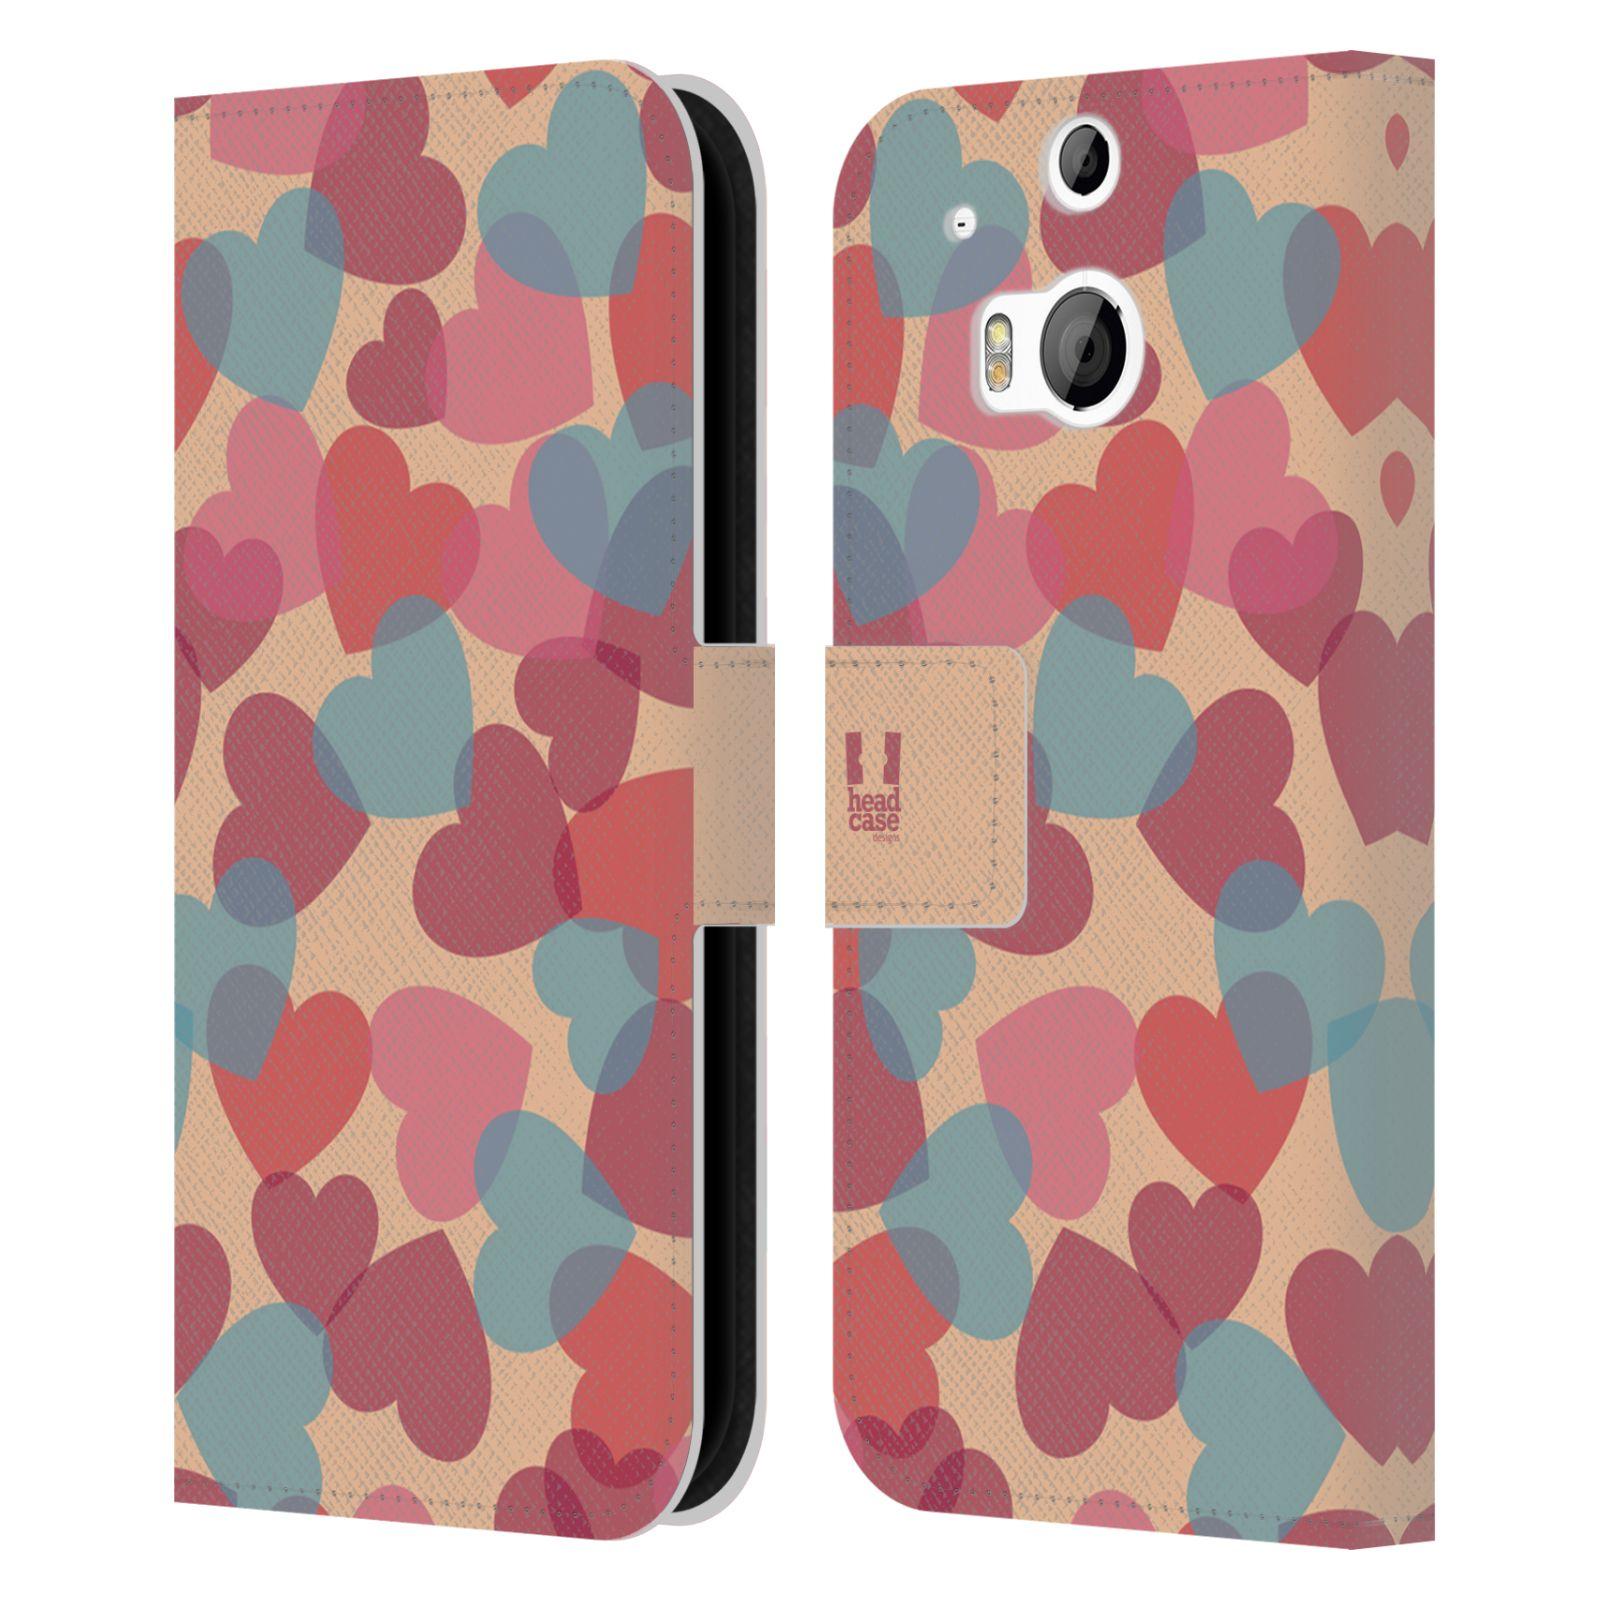 HEAD CASE Flipové pouzdro pro mobil HTC ONE (M8, M8s) vzor prolínající se srdíčka, srdce, láska, růžová